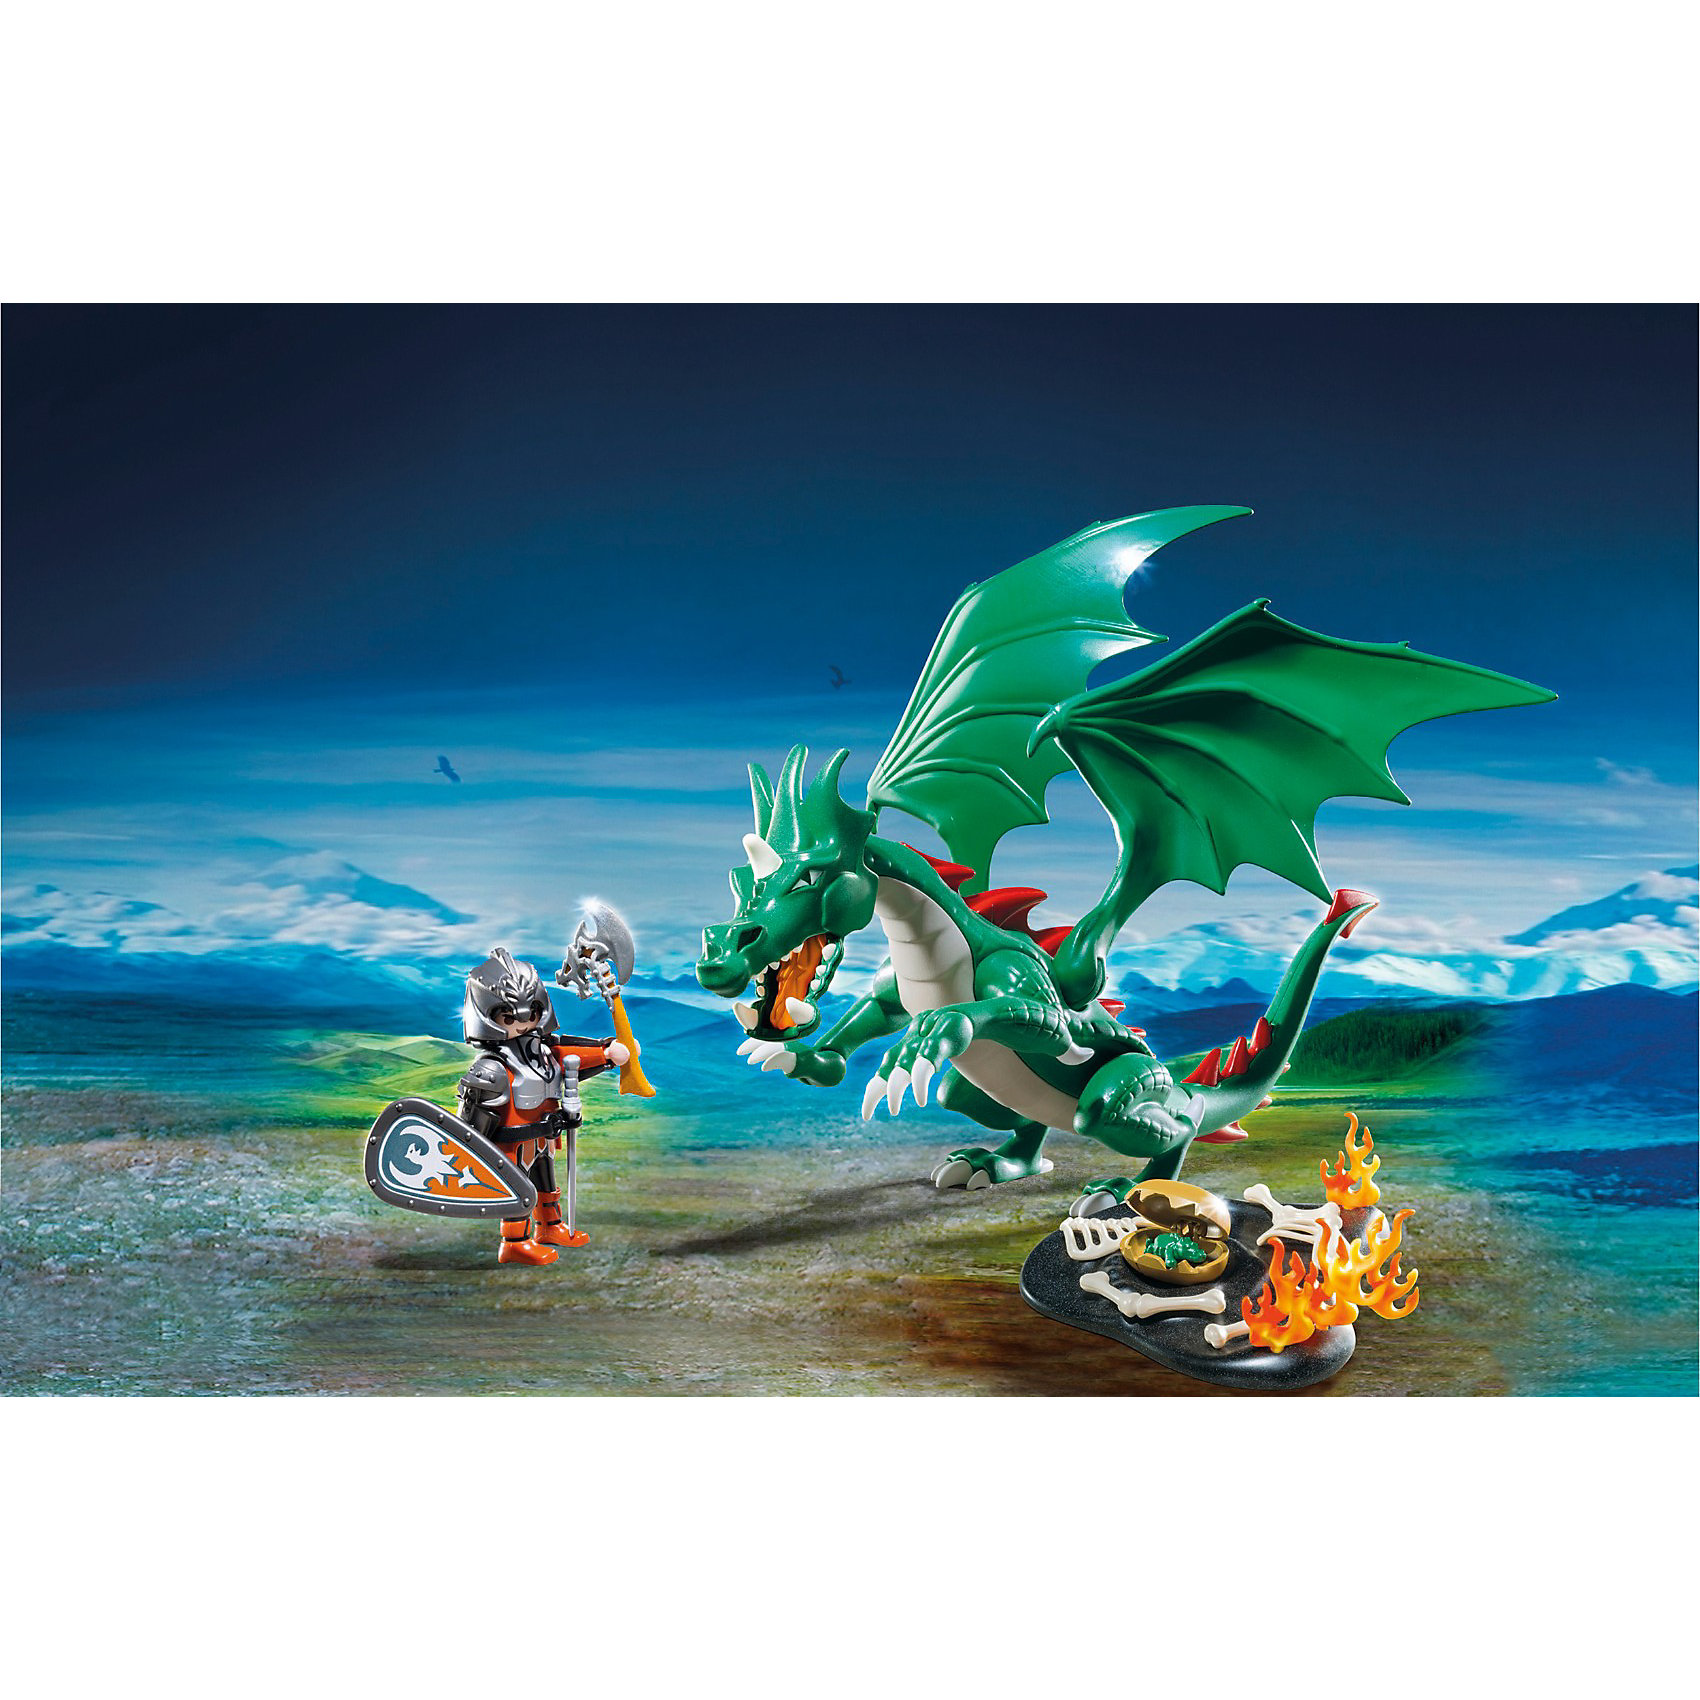 PLAYMOBIL 6003 Рыцари: Великий ДраконДинозавры и драконы<br>Конструктор PLAYMOBIL (Плеймобил) 6003 Рыцари: Великий Дракон - прекрасная возможность для ребенка проявить свою фантазию! Времена доблестных рыцарей, гигантских чудовищ и захватывающих приключений всегда будут для детей очень интересными. Рыцарь заблудился в лесу и случайно наткнулся на гнездо Великого Дракона. В его огромной пасти острые зубы. Уже не один воин погиб в лапах ужасного Дракона. Но рыцарь вооружен и готов сразиться с гигантским чудовищем! Чем закончится этот поединок решать тебе! Хвост, пасть и лапы дракона подвижны, поэтому ребенок сможет создать реалистичную сцену борьбы. Крылья дракона двигаются, а при необходимости их можно снять и рыцарь легко сможет оседлать Дракона! Создай увлекательные сюжеты с набором Великий Дракон или объедини его с другими наборами серии и игра станет еще интереснее. Придумывая увлекательные сюжеты с деталями конструктора, Ваш ребенок развивает фантазию, мышление и просто прекрасно проводит время!<br><br>Дополнительная информация:<br><br>- Конструкторы PLAYMOBIL (Плеймобил) отлично развивают мелкую моторику, фантазию и воображение;<br>- В наборе: дракон, минифигурка рыцаря, яйцо с маленьким драконом внутри, гнездо, кости, щит, меч;<br>- Количество деталей: 23 шт;<br>- Материал: безопасный пластик;<br>- Размер минифигурки: 7,5 см;<br>- Размер упаковки: 20 х 7,5 х 30 см<br><br>Конструктор PLAYMOBIL (Плеймобил) 6003 Рыцари: Великий Дракон можно купить в нашем интернет-магазине.<br><br>Ширина мм: 303<br>Глубина мм: 203<br>Высота мм: 78<br>Вес г: 370<br>Возраст от месяцев: 48<br>Возраст до месяцев: 120<br>Пол: Мужской<br>Возраст: Детский<br>SKU: 3536850